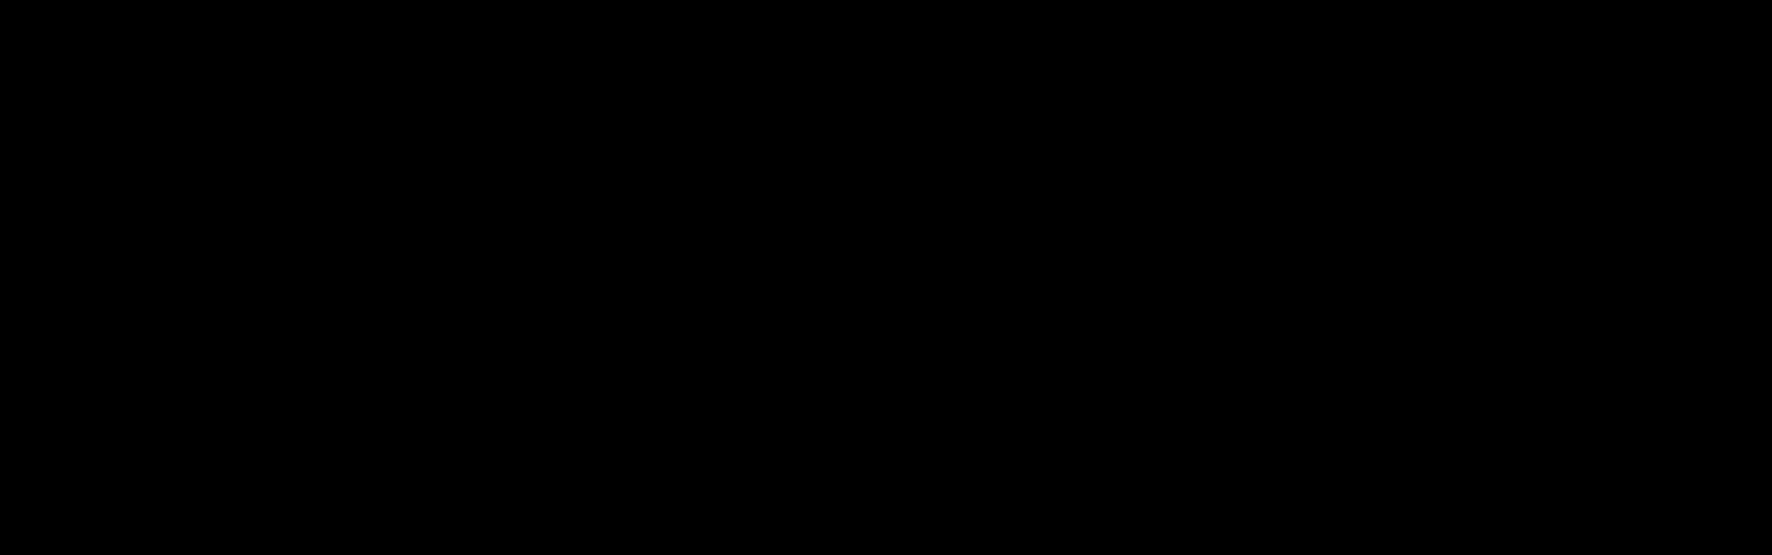 Leistungssport, Fritz-Sport, Sportfachgeschäft